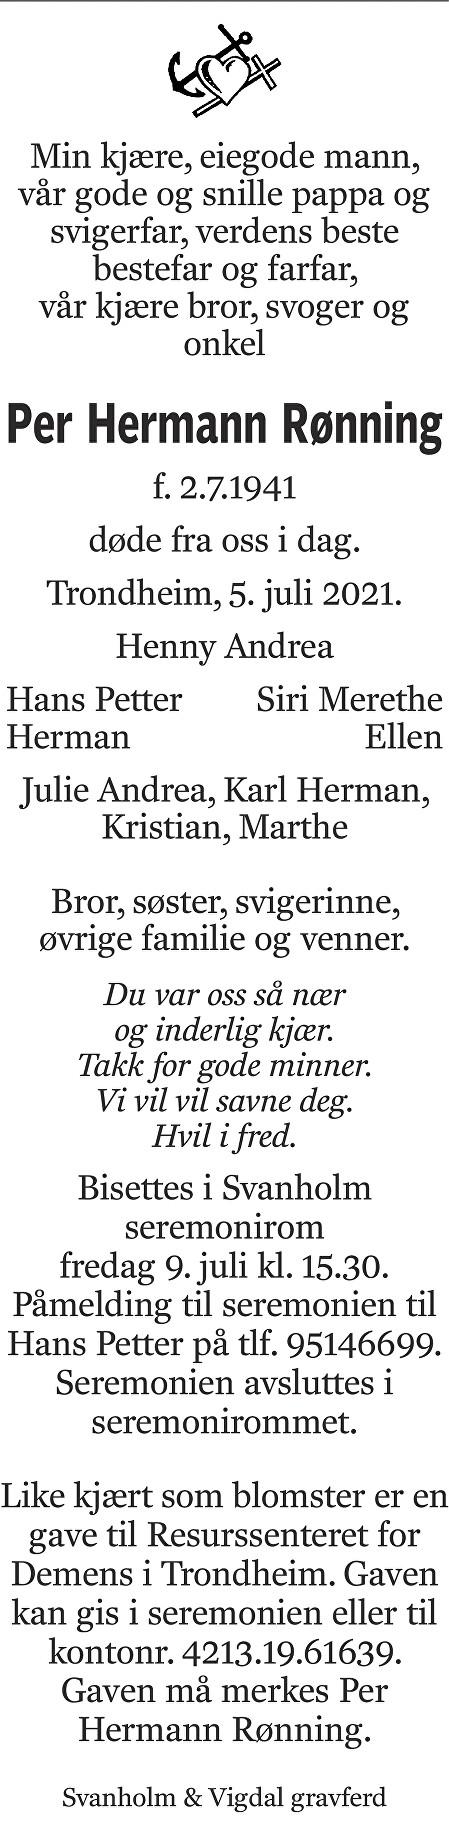 Per Hermann Rønning Dødsannonse